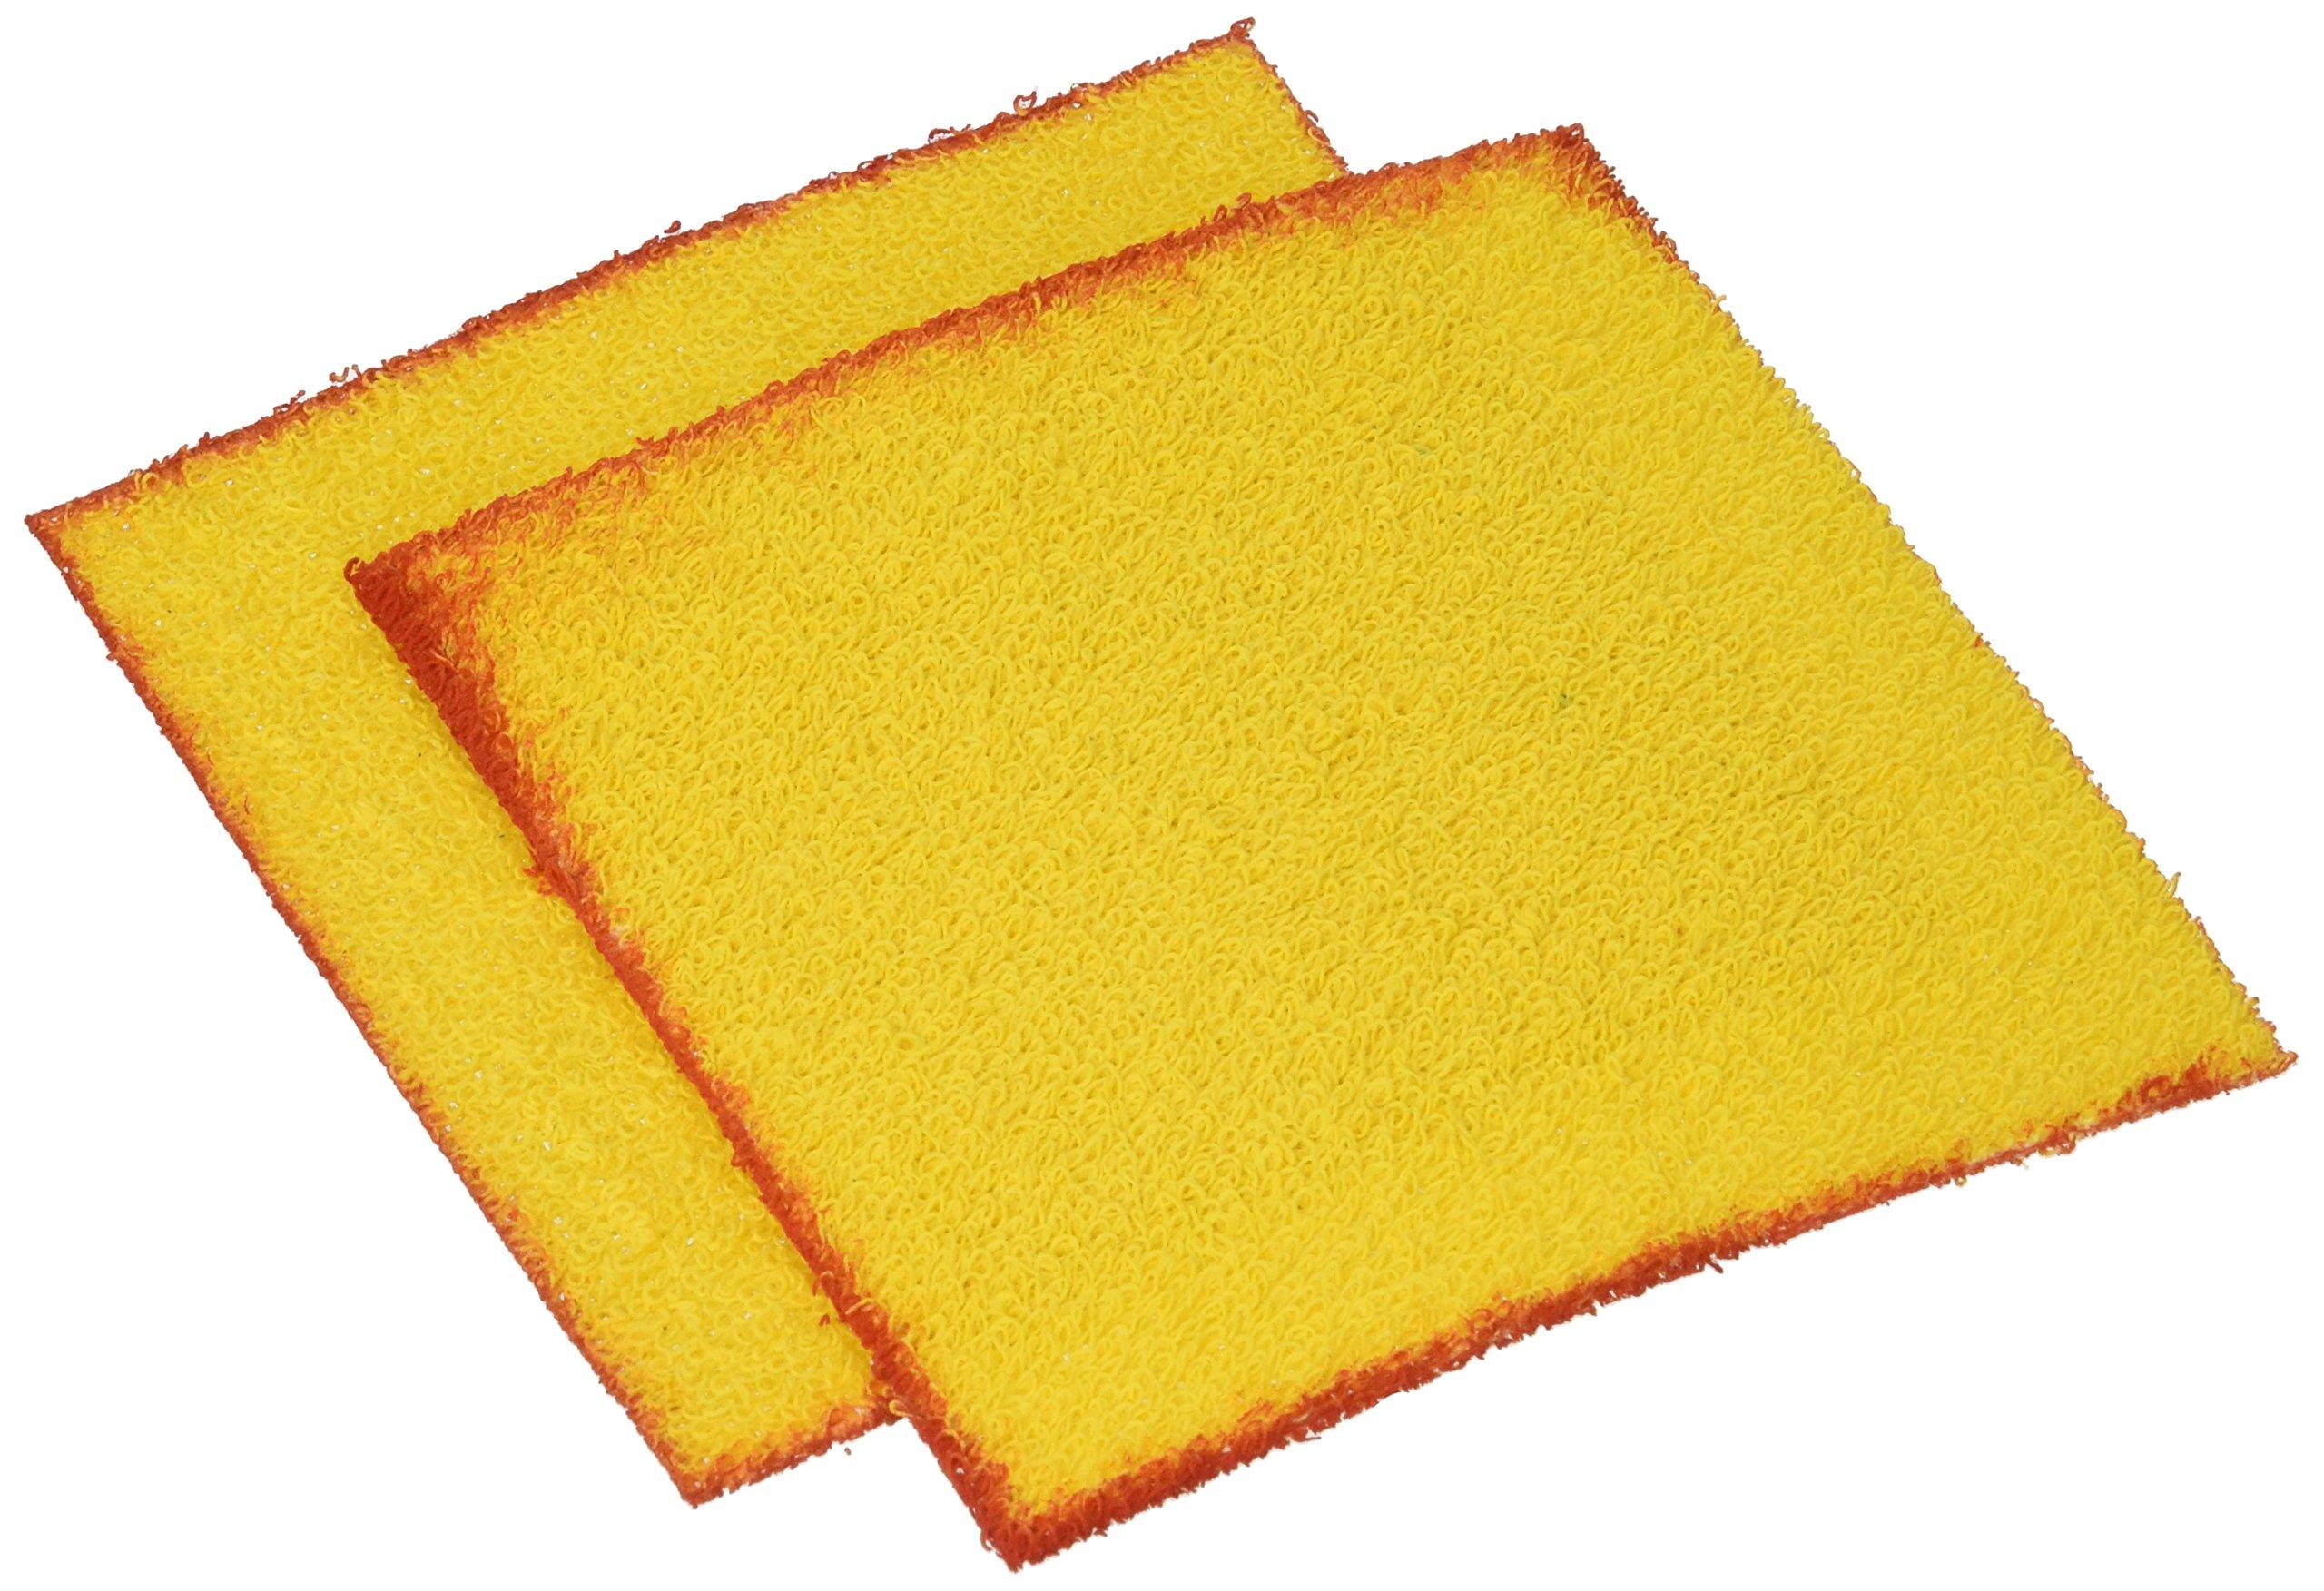 Chore Boy Golden Fleece Scrubbing Clothes (Total of 12 Scrubbing Cloths)